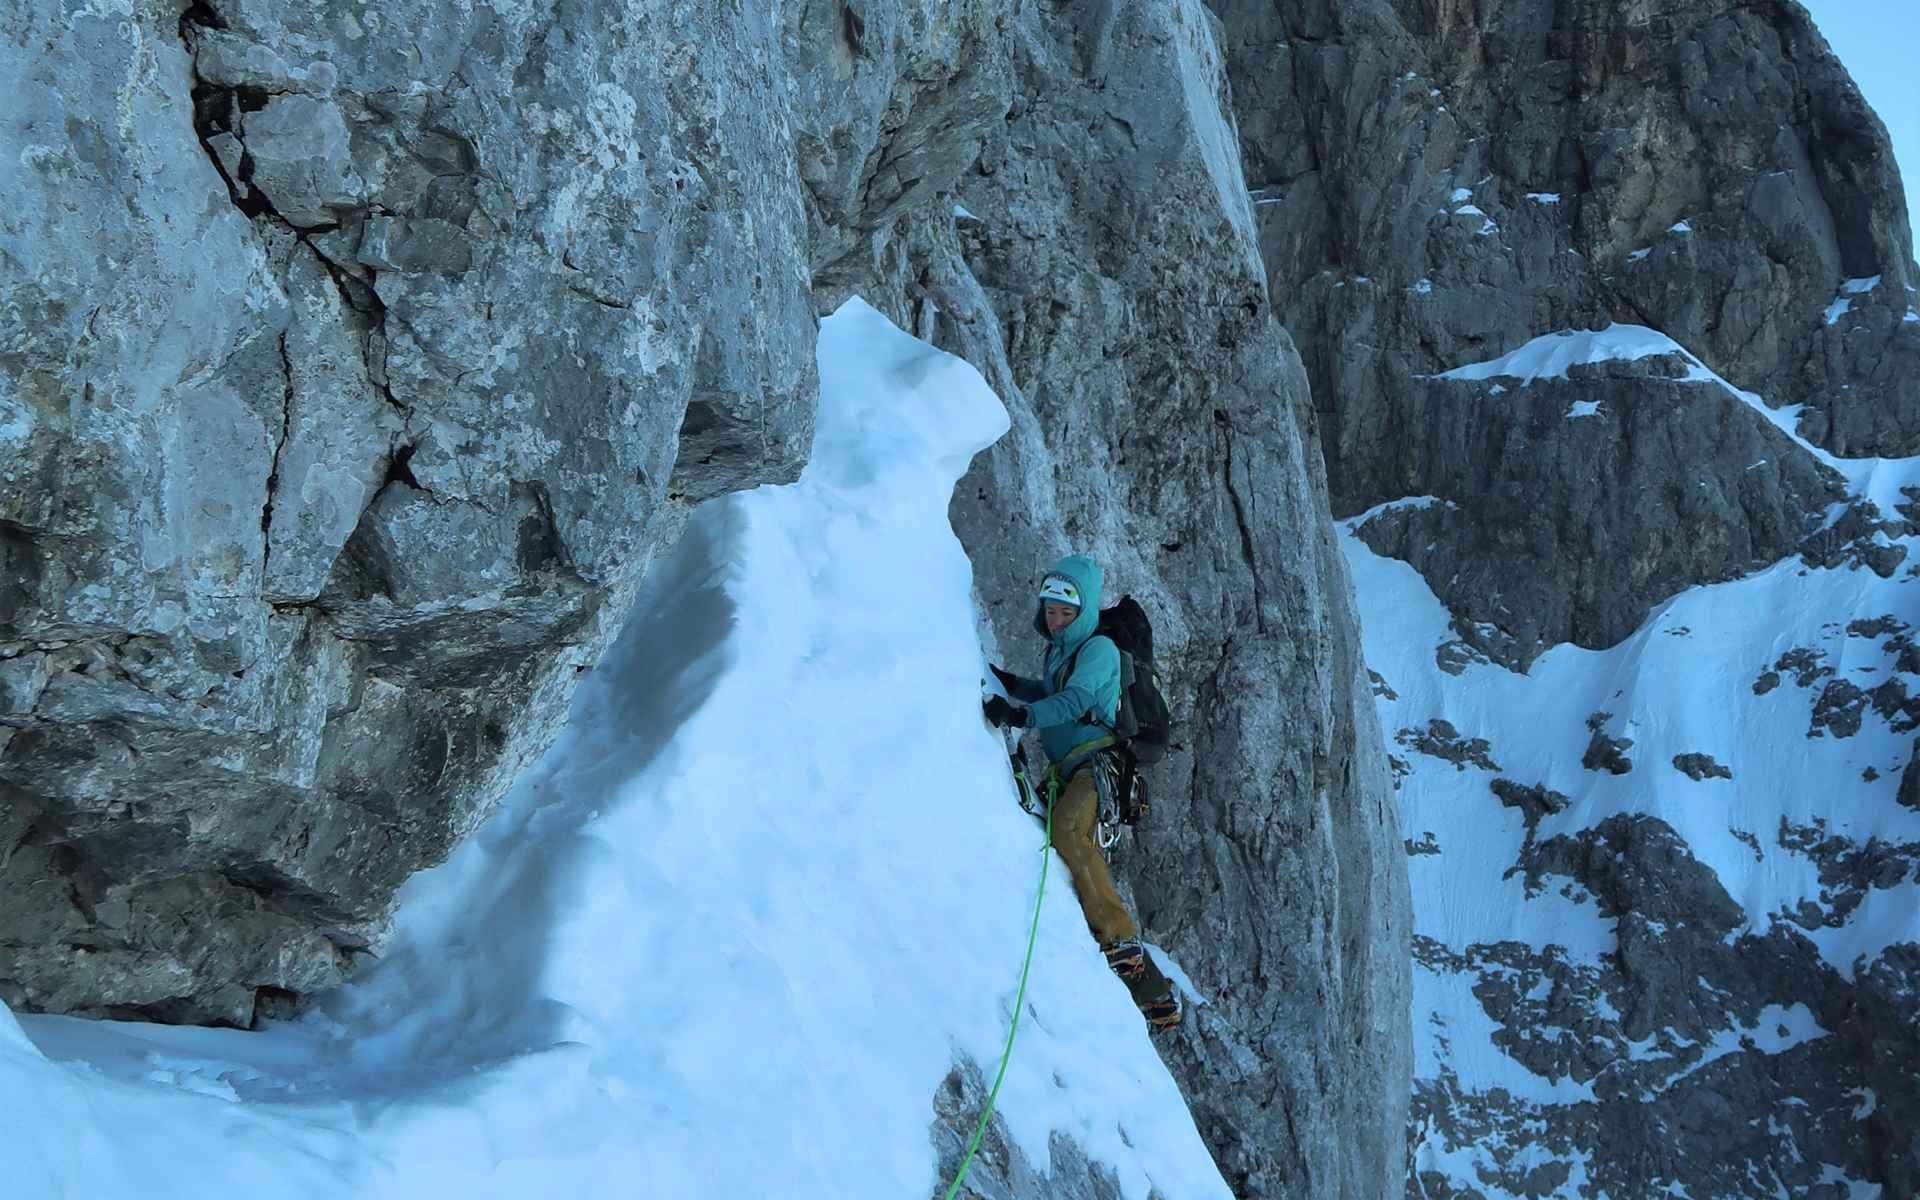 Steeds weer lastige passages op vastgeplakte sneeuw.